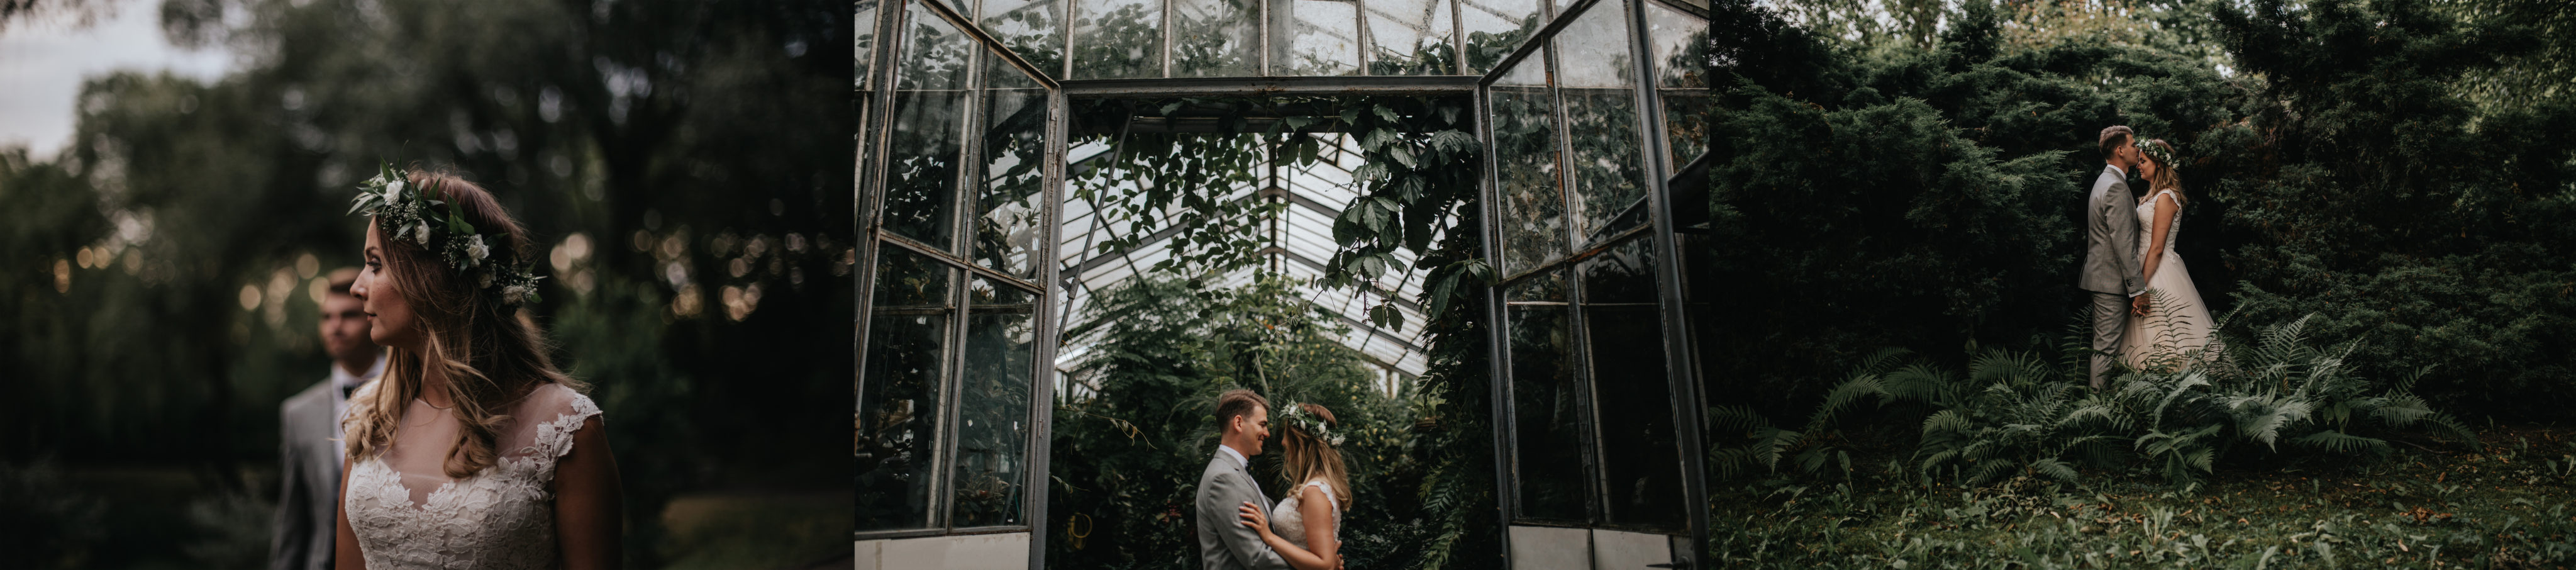 miejsca na plener slubny ogrod botaniczny zabrze